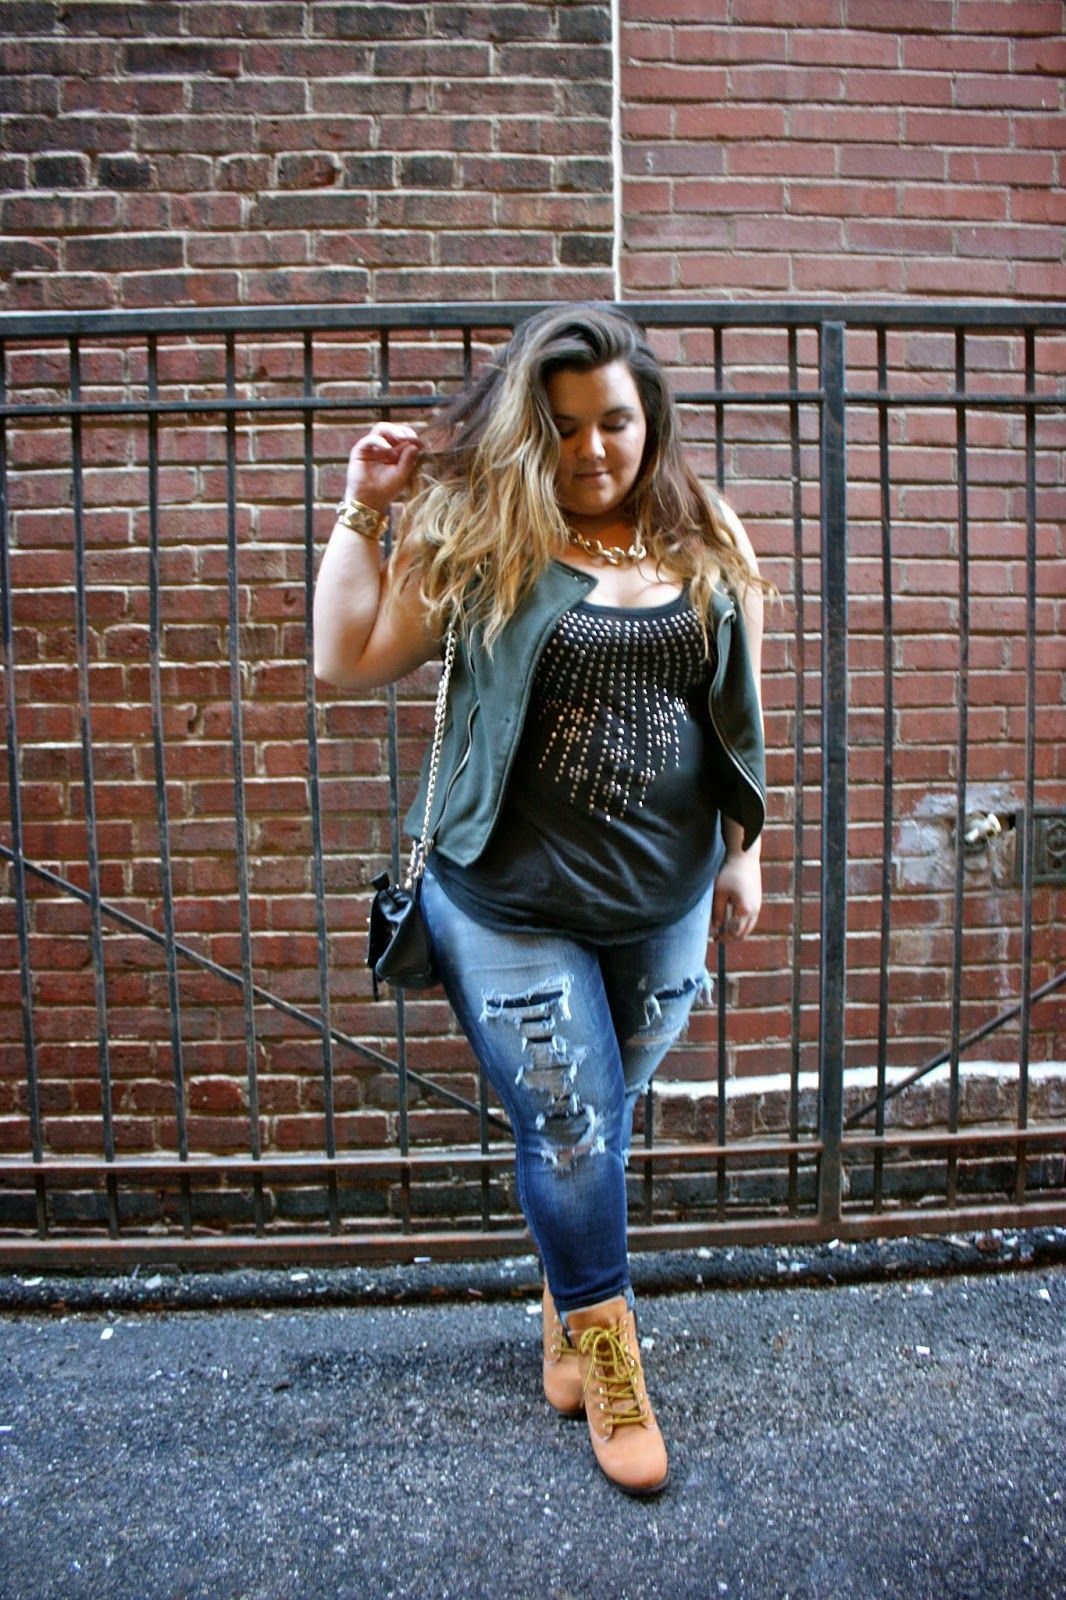 American Eagle, curvy girl, destroyed denim, fashion blogger, gold ...